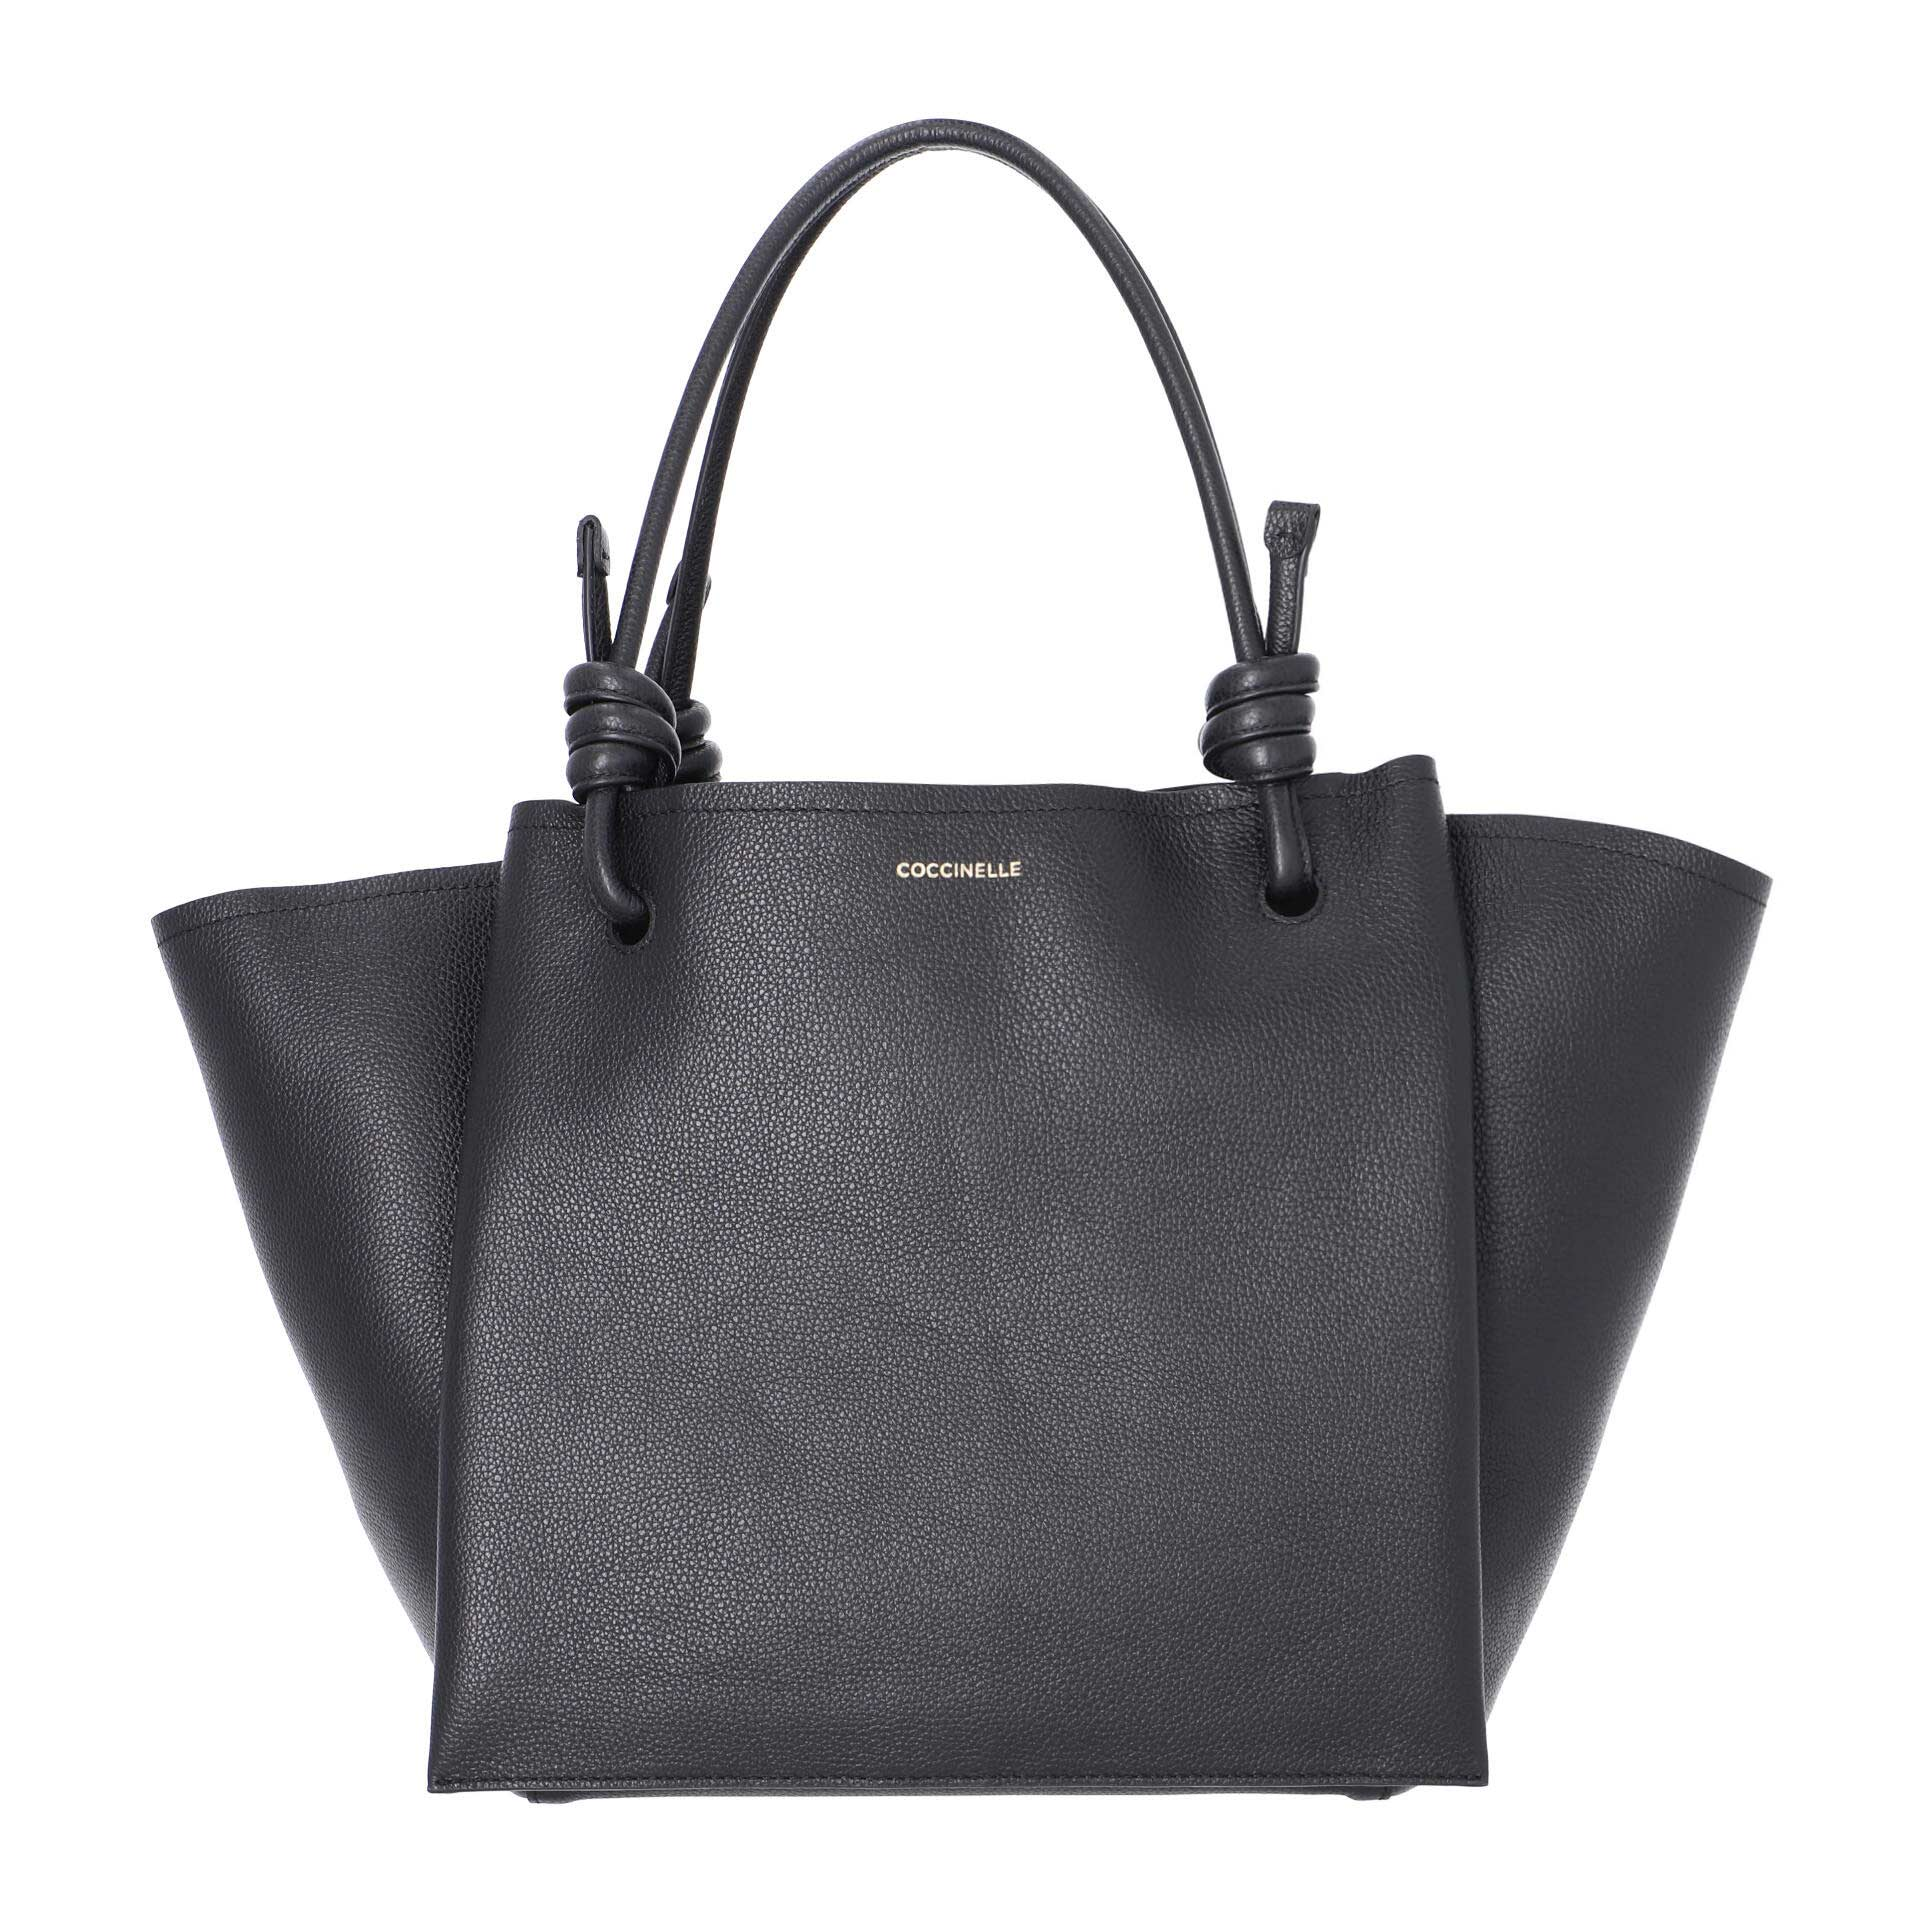 Coccinelle Allure Handtasche noir